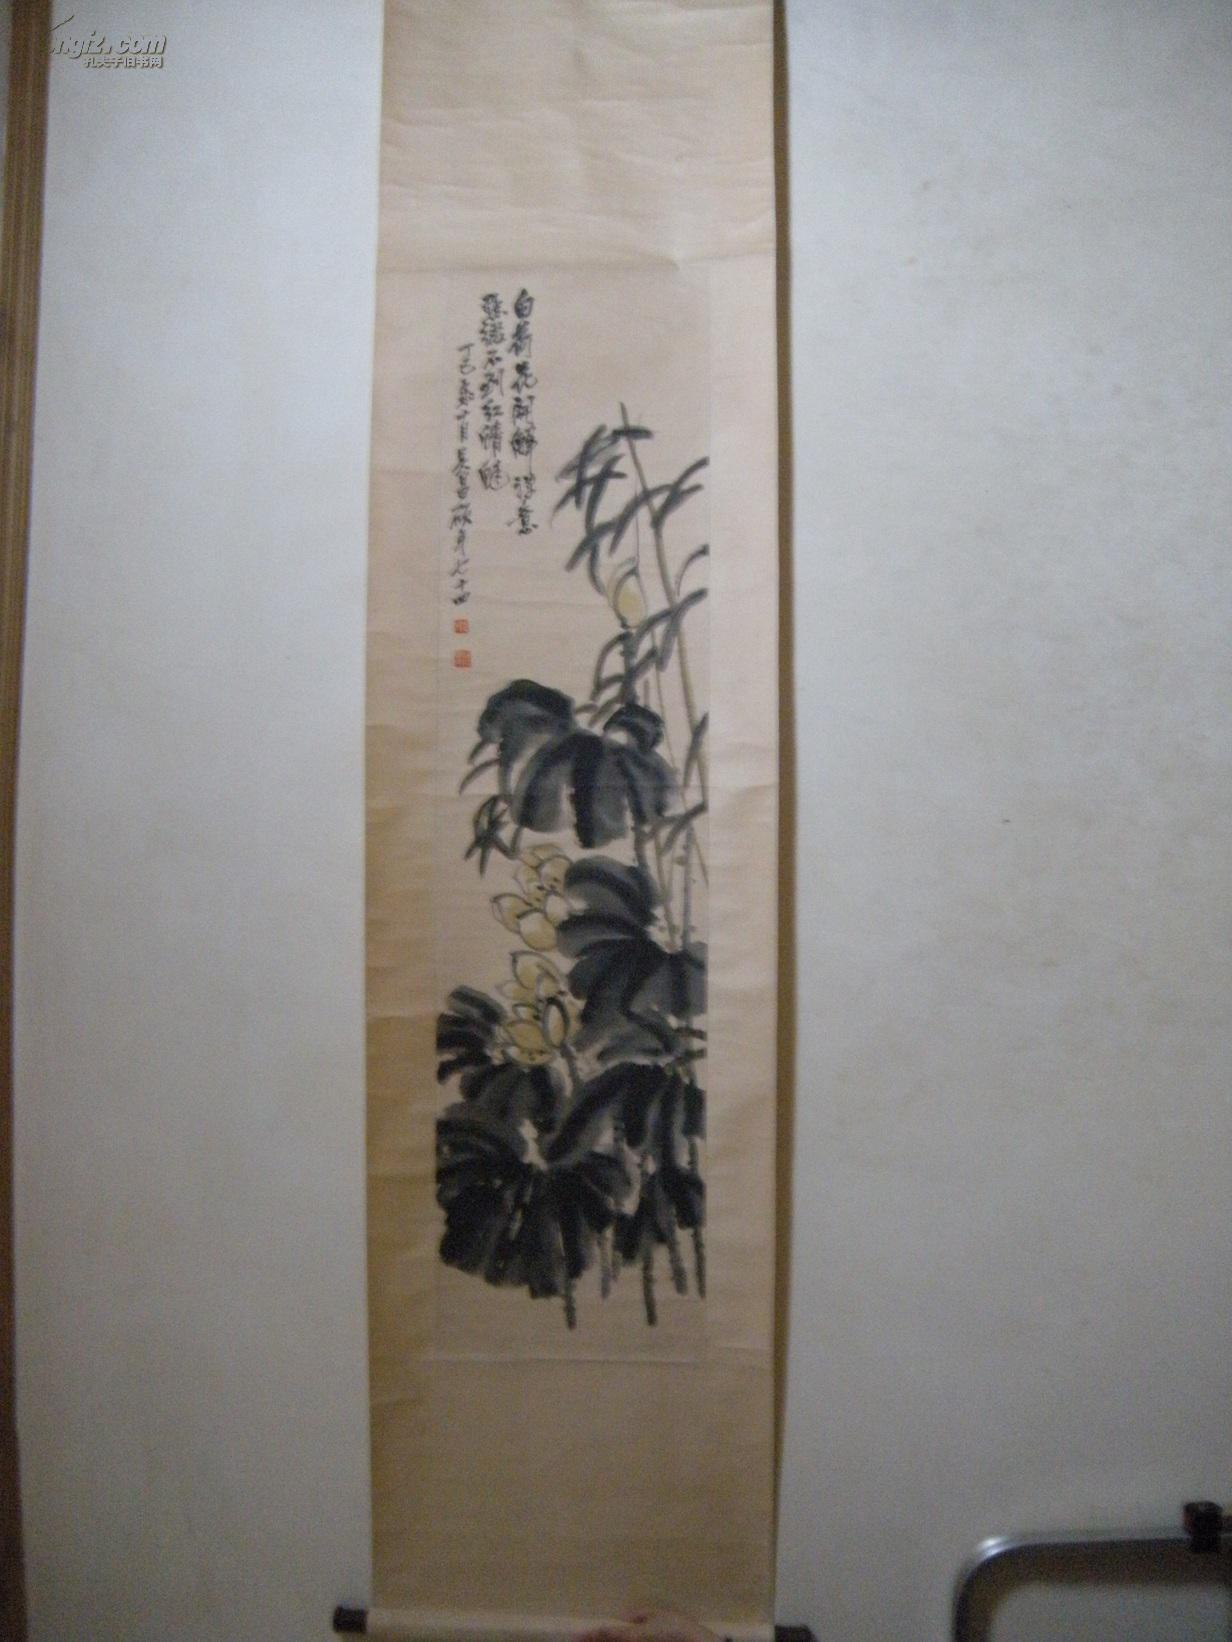 吴昌硕荷花图 中国名家字画书法 国画山水画花鸟挂轴 海外回流图片